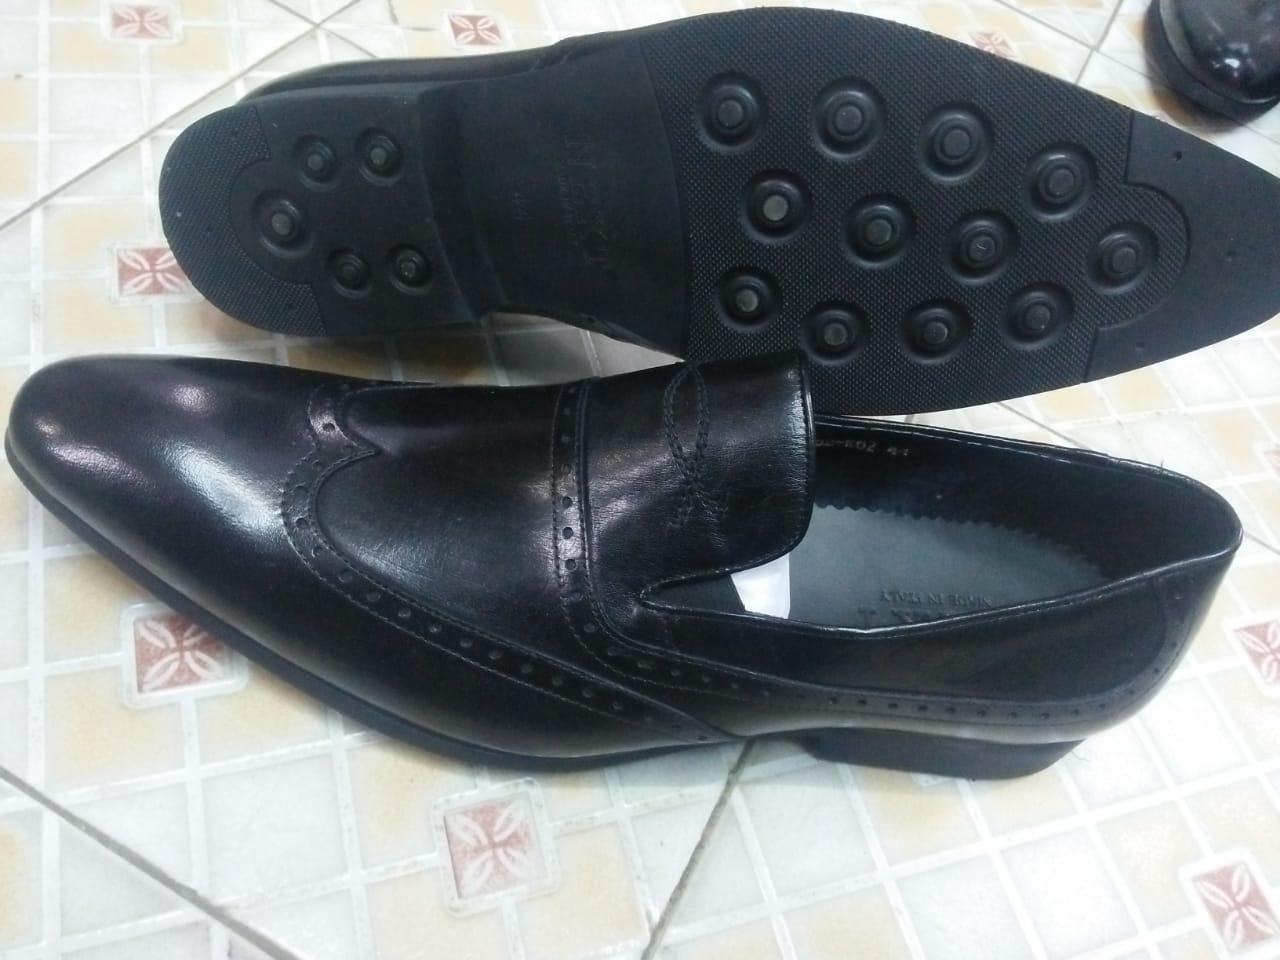 Mens official black shoes